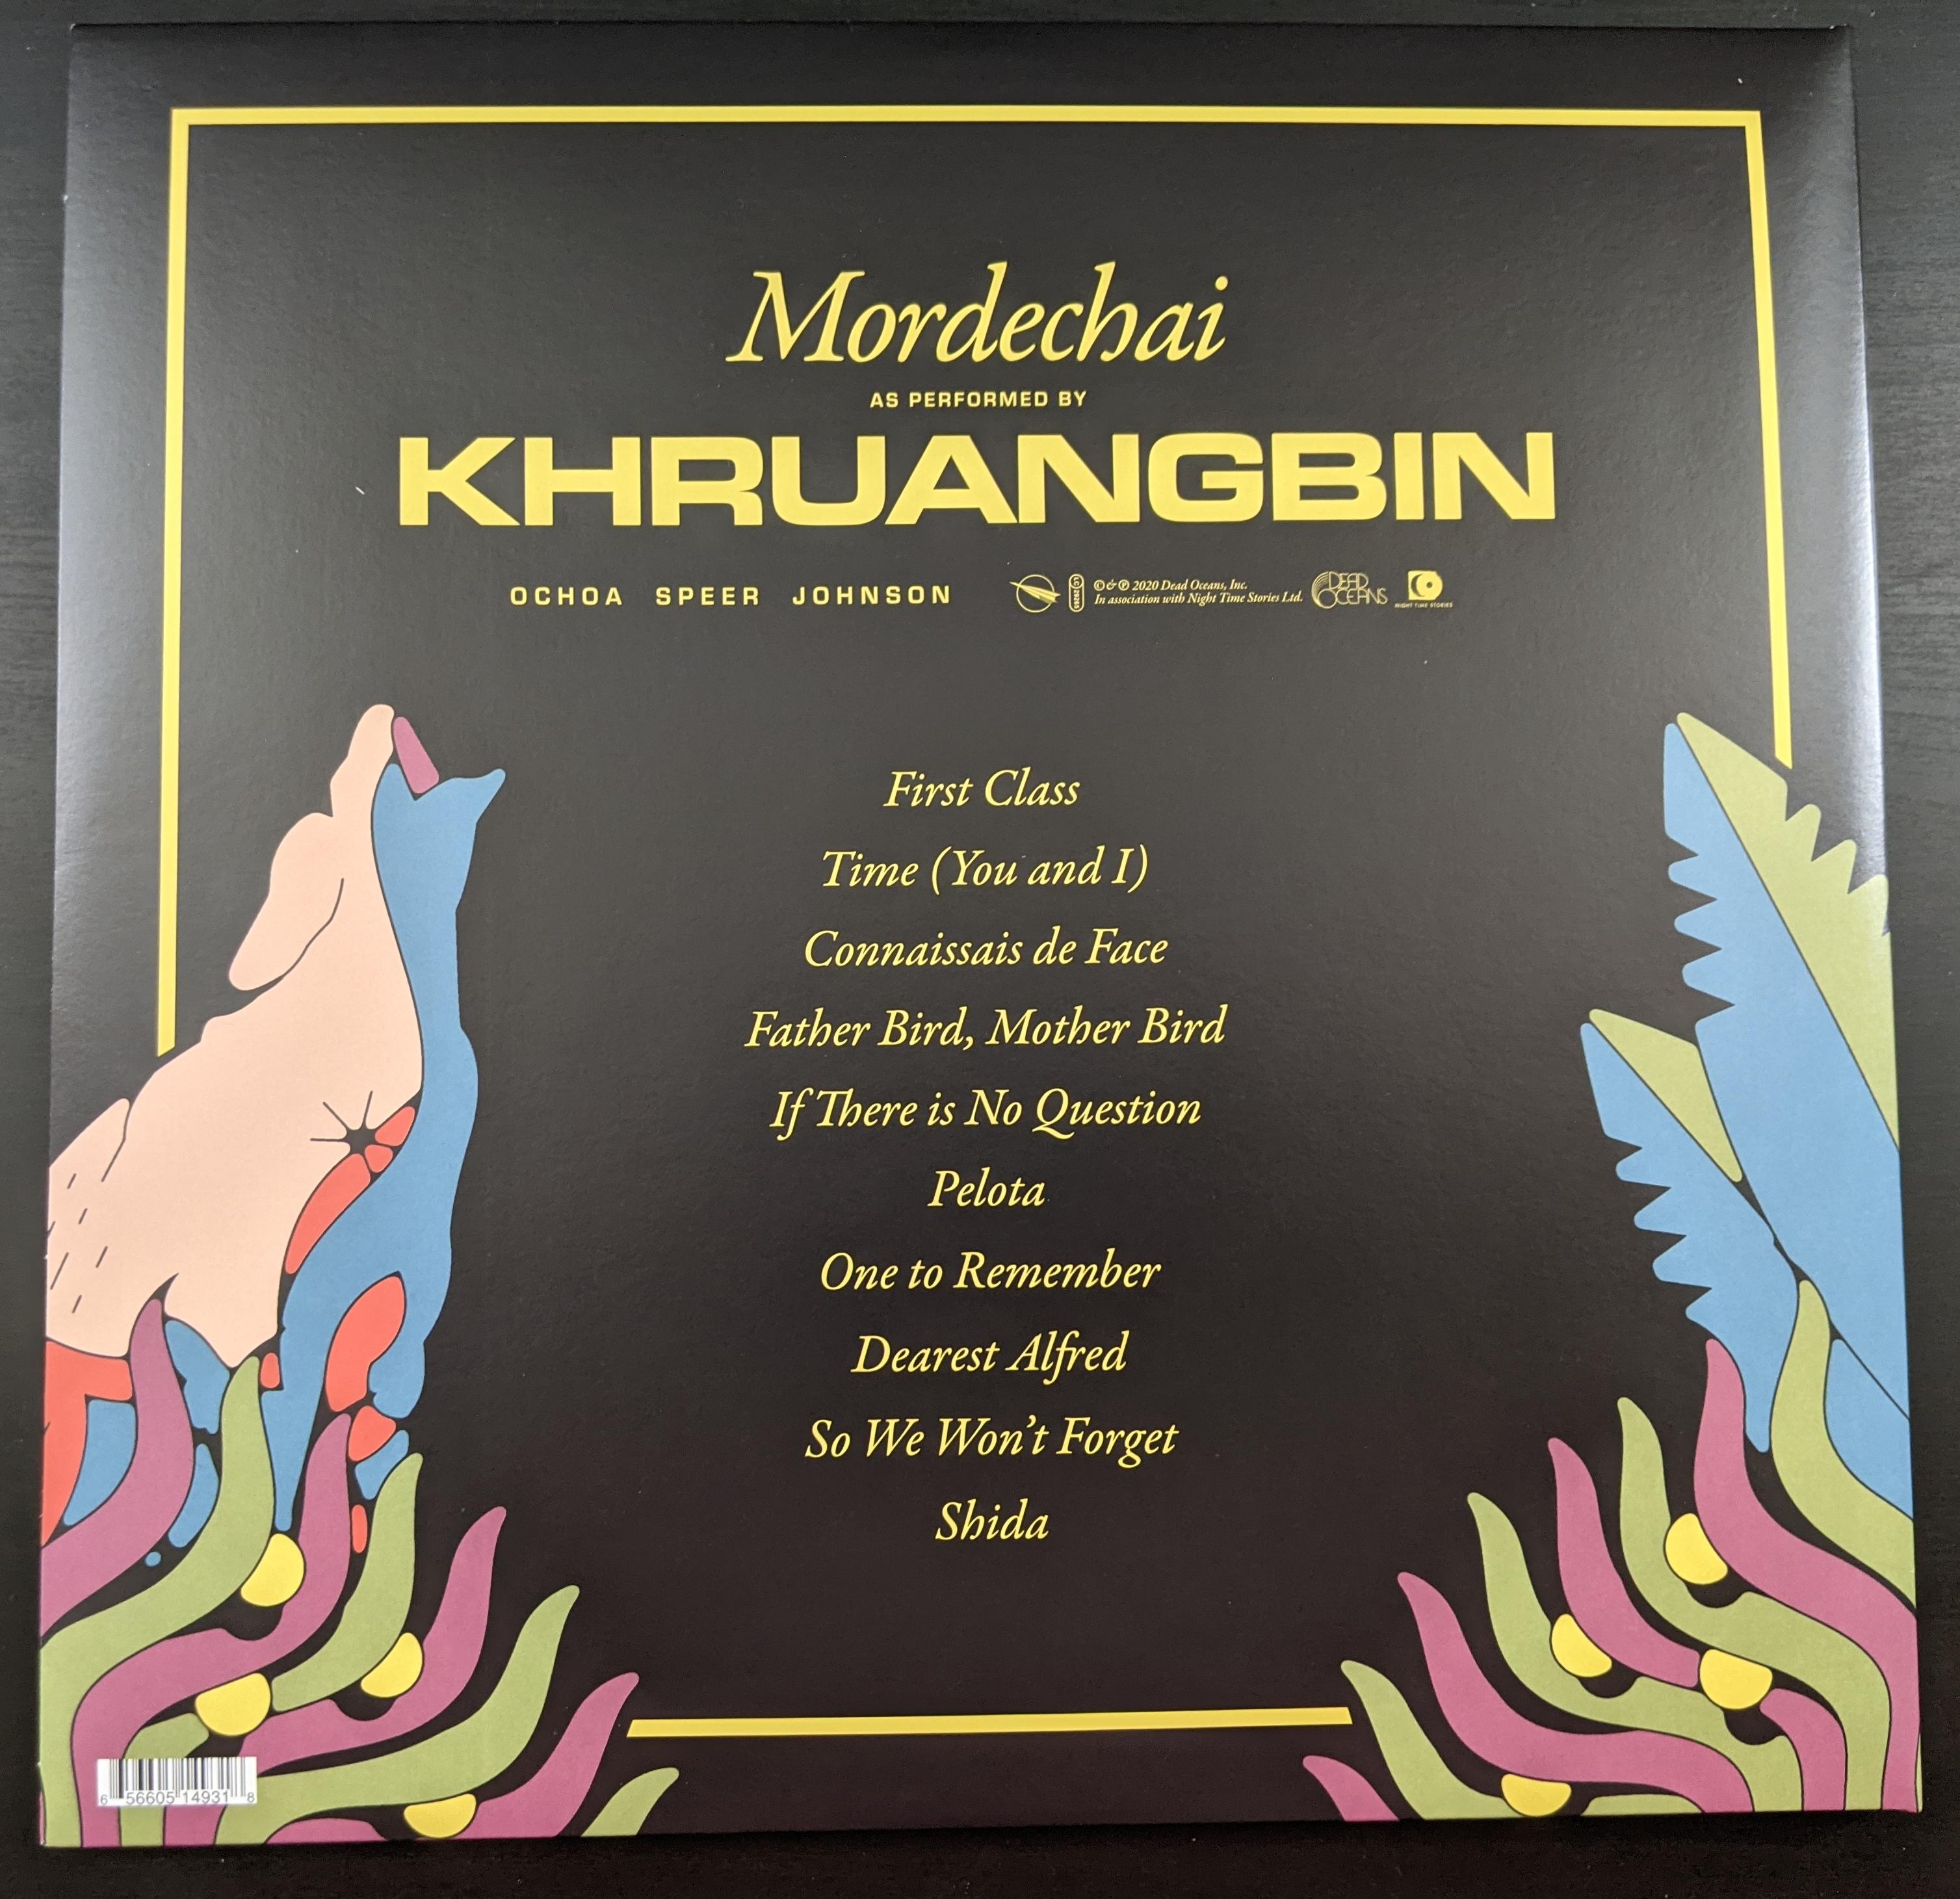 Khuruangbin - Mordechai 3